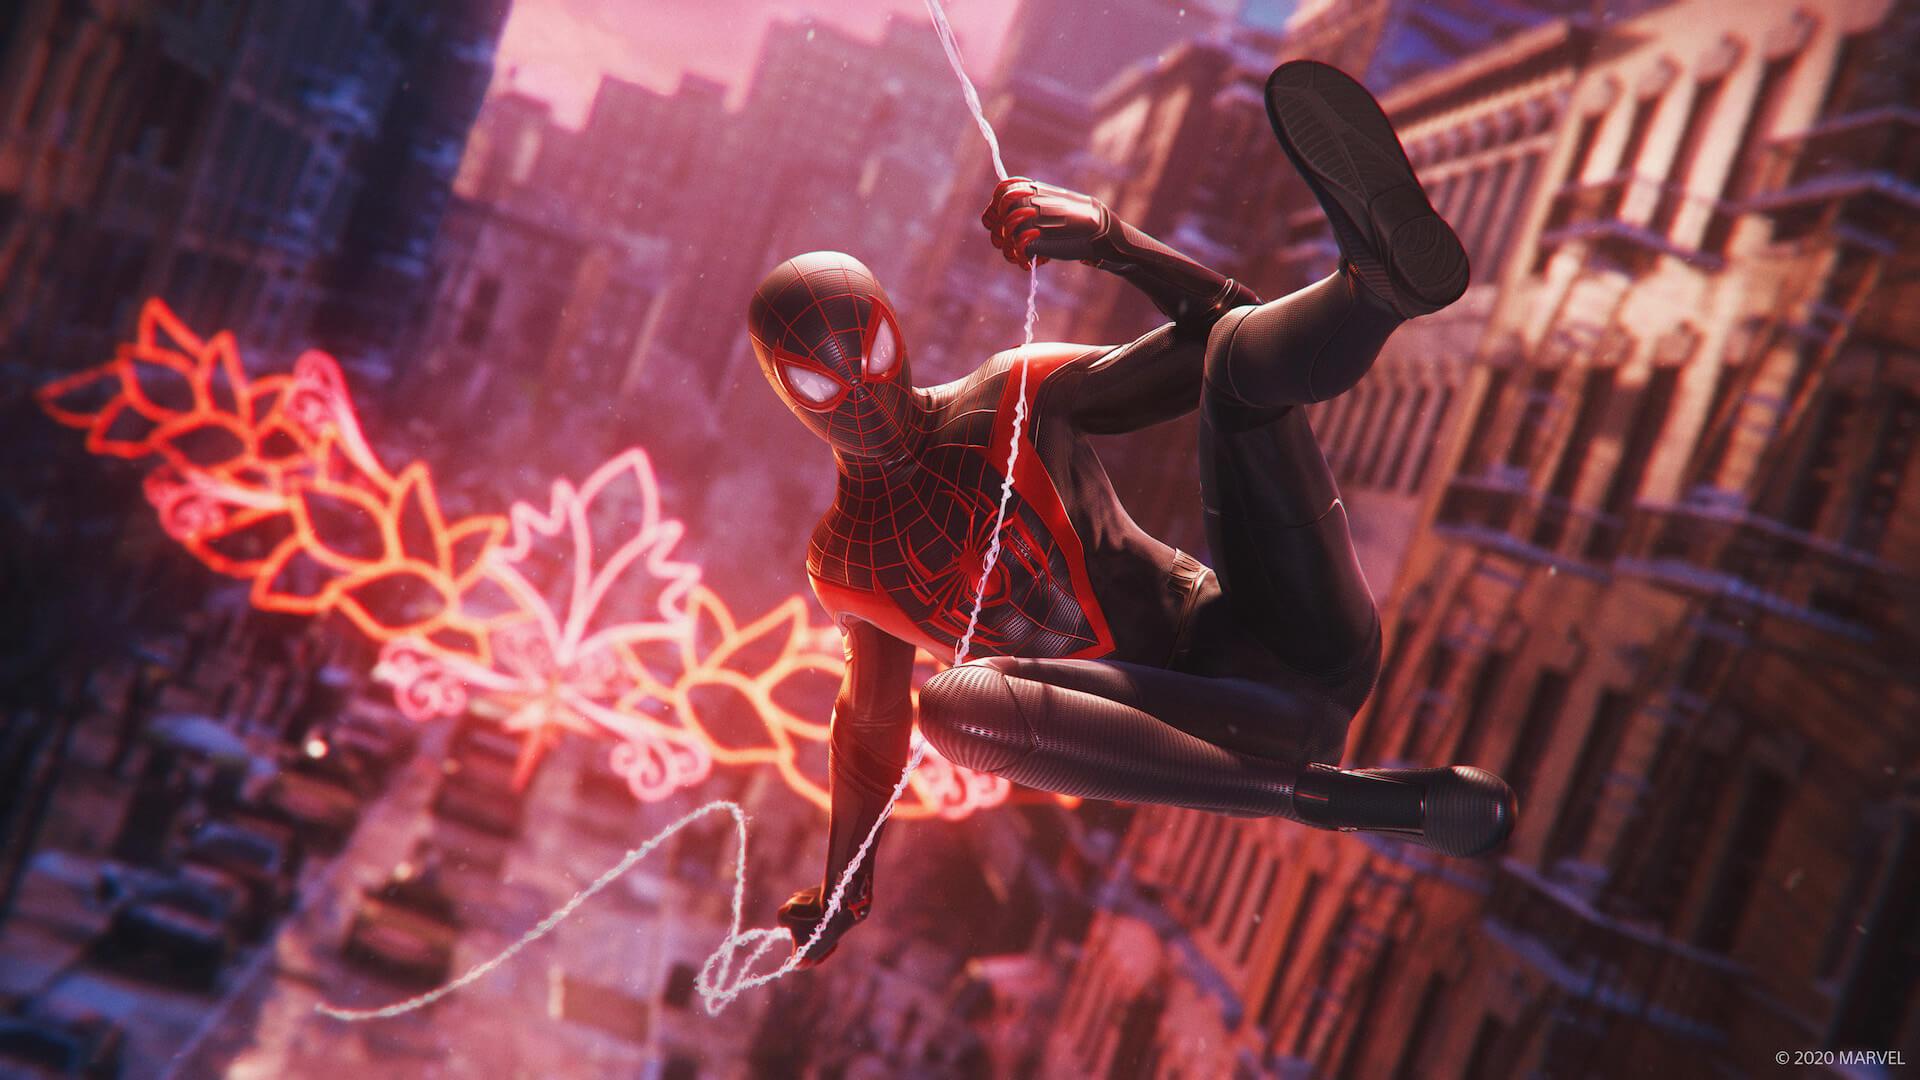 『スパイダーマン』のマイルズ・モラレスとなってNYの街を守り抜け!『Marvel's Spider-Man: Miles Morales』が来週ついに発売 tech201106_spiderman_ps5_3-1